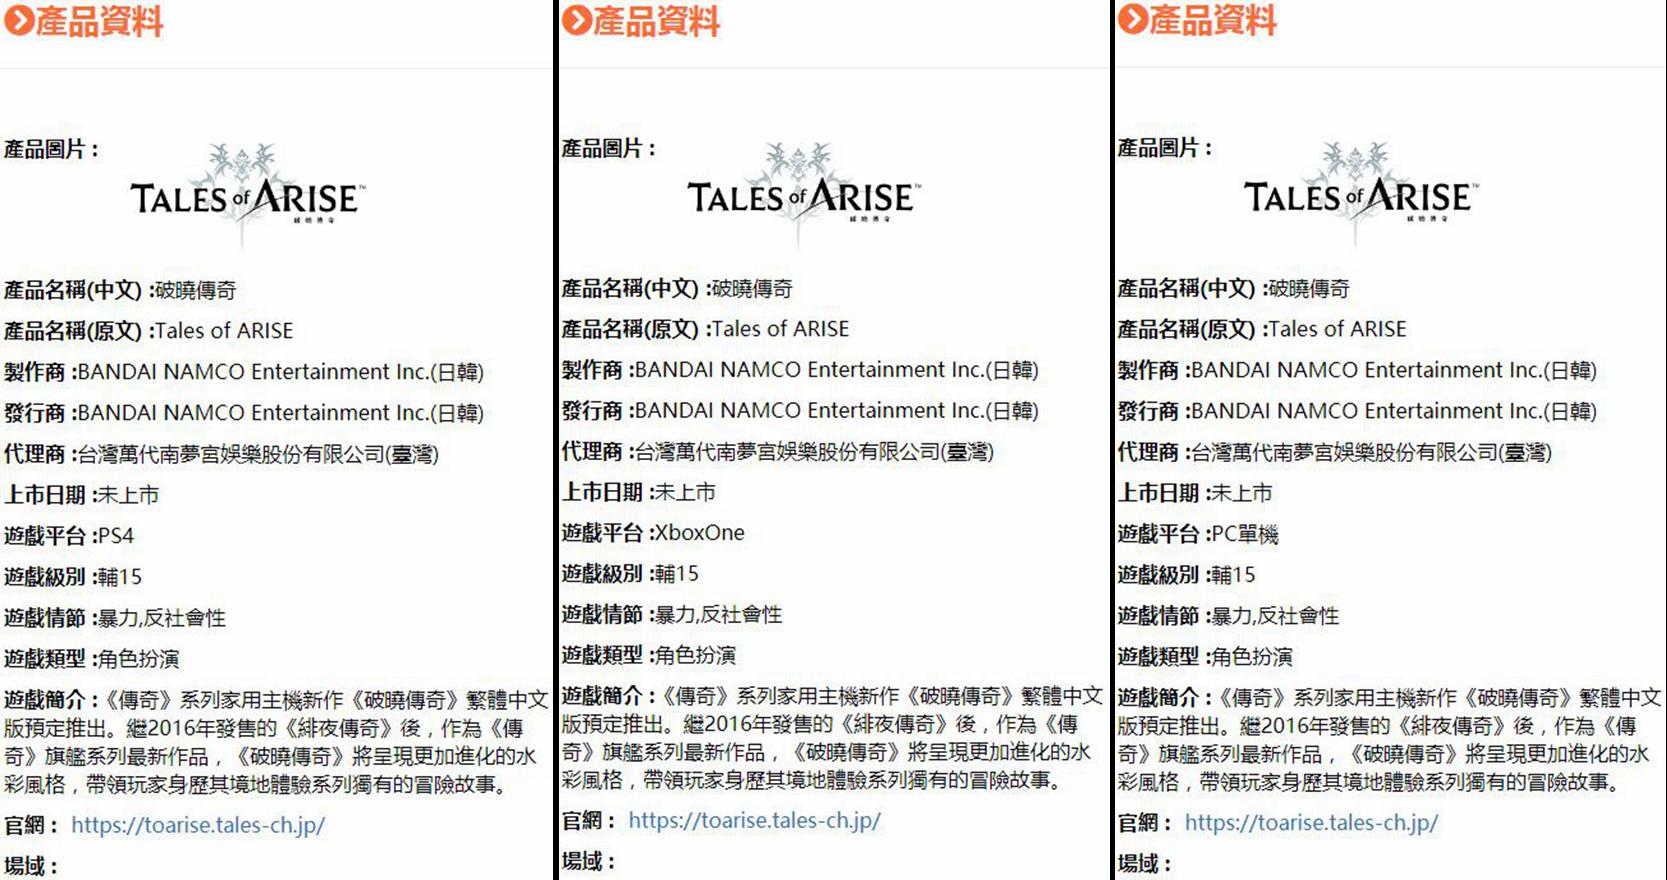 《破晓传说》在台湾通过评级 繁体中文版确认推出